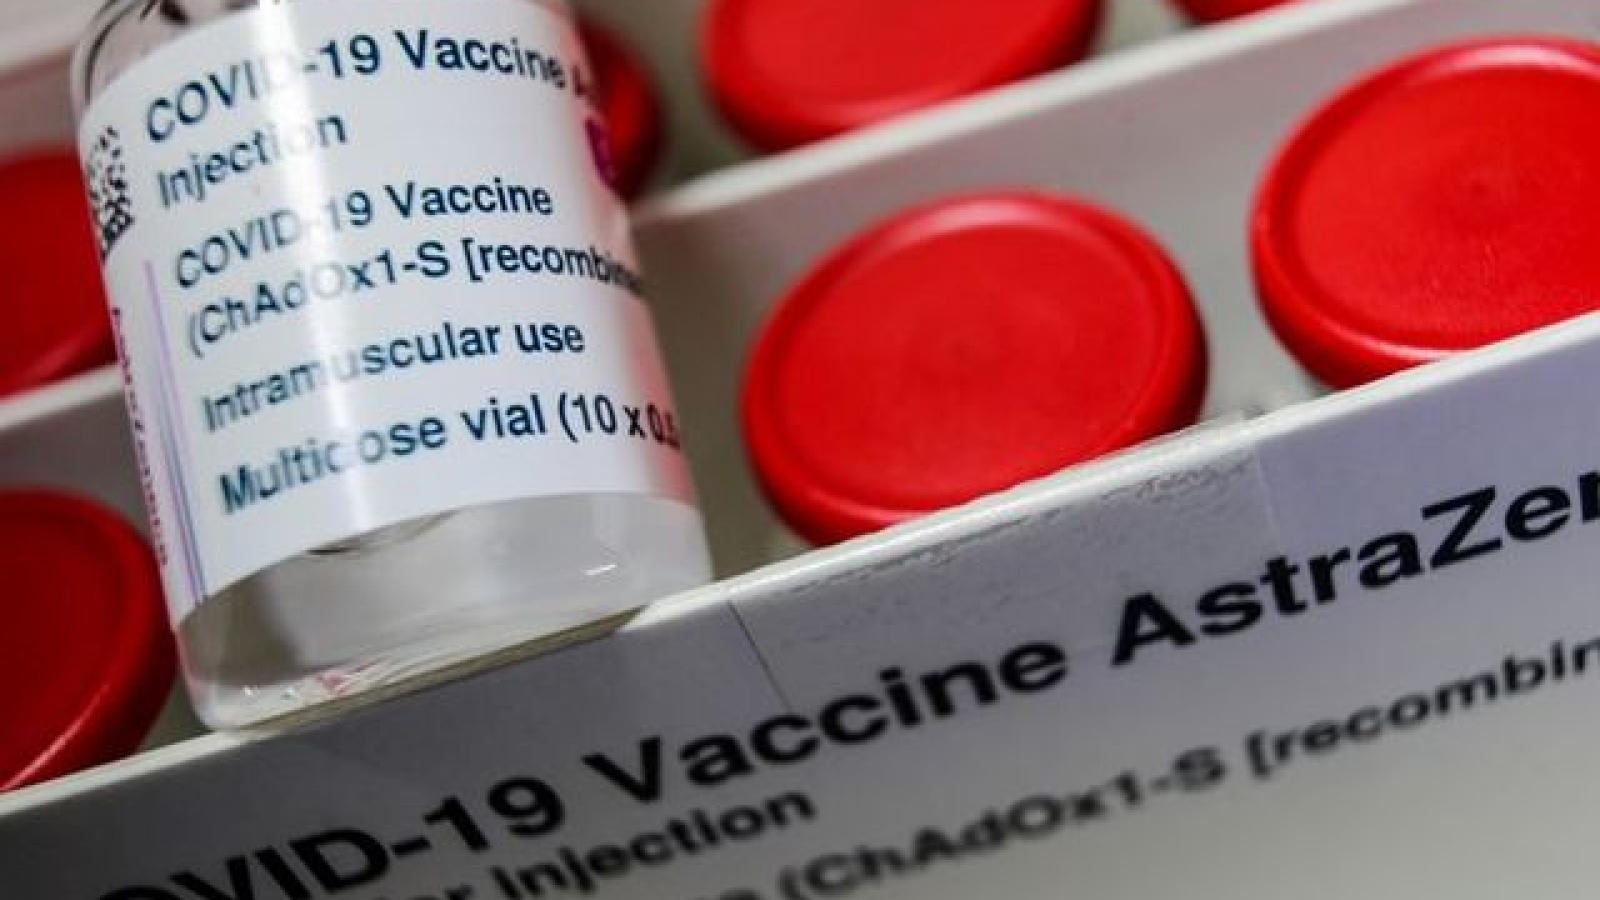 Mỹ dừng sản xuất vaccine ngừa Covid-19 của AstraZeneca tại nhà máy ở Baltimore